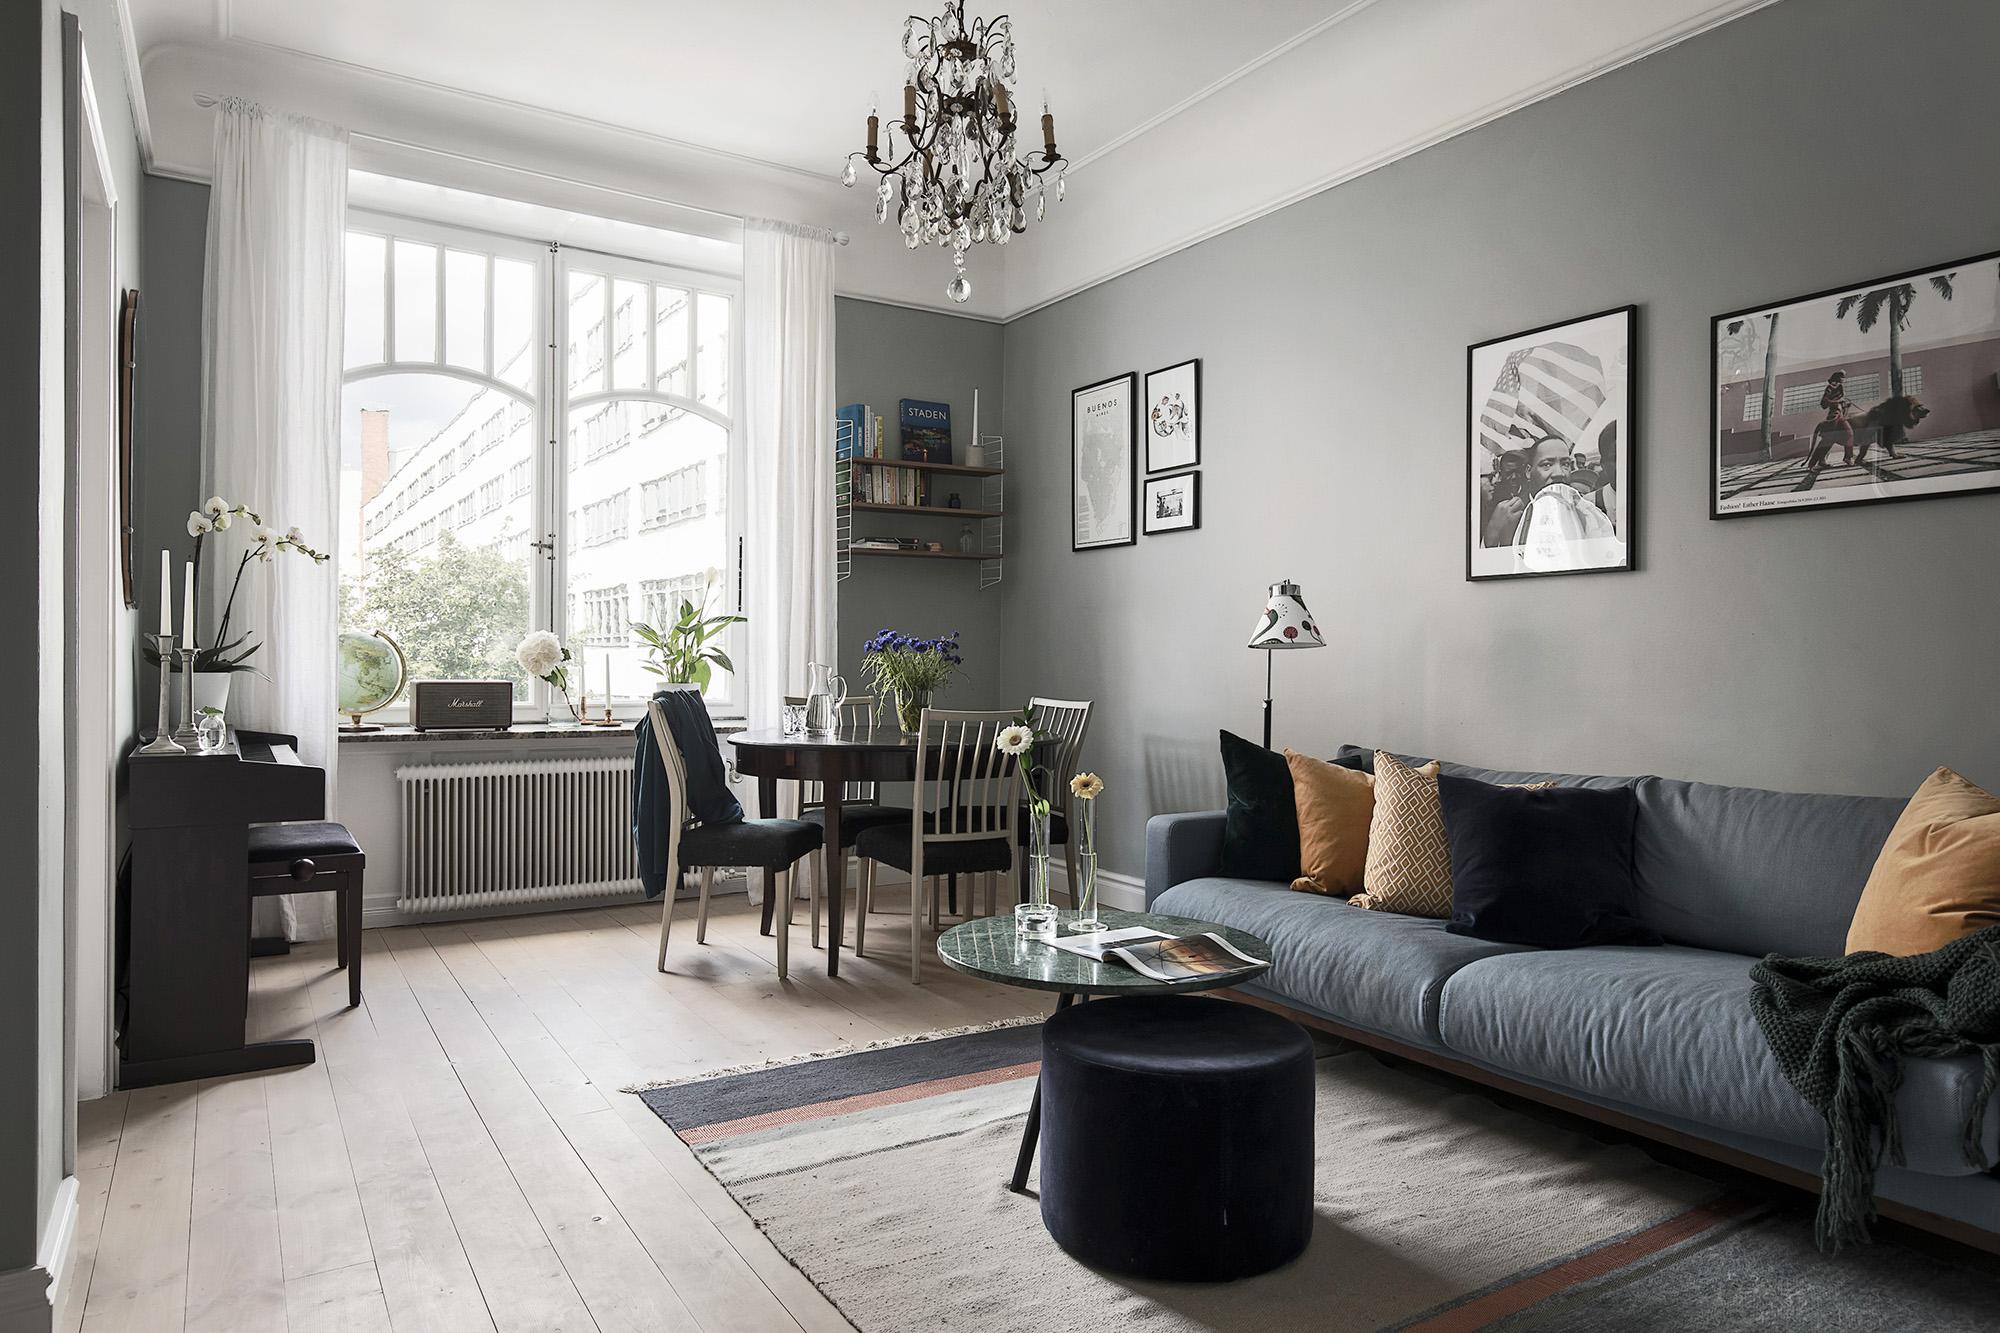 гостиная диван столик ковер окно обеденный стол стулья